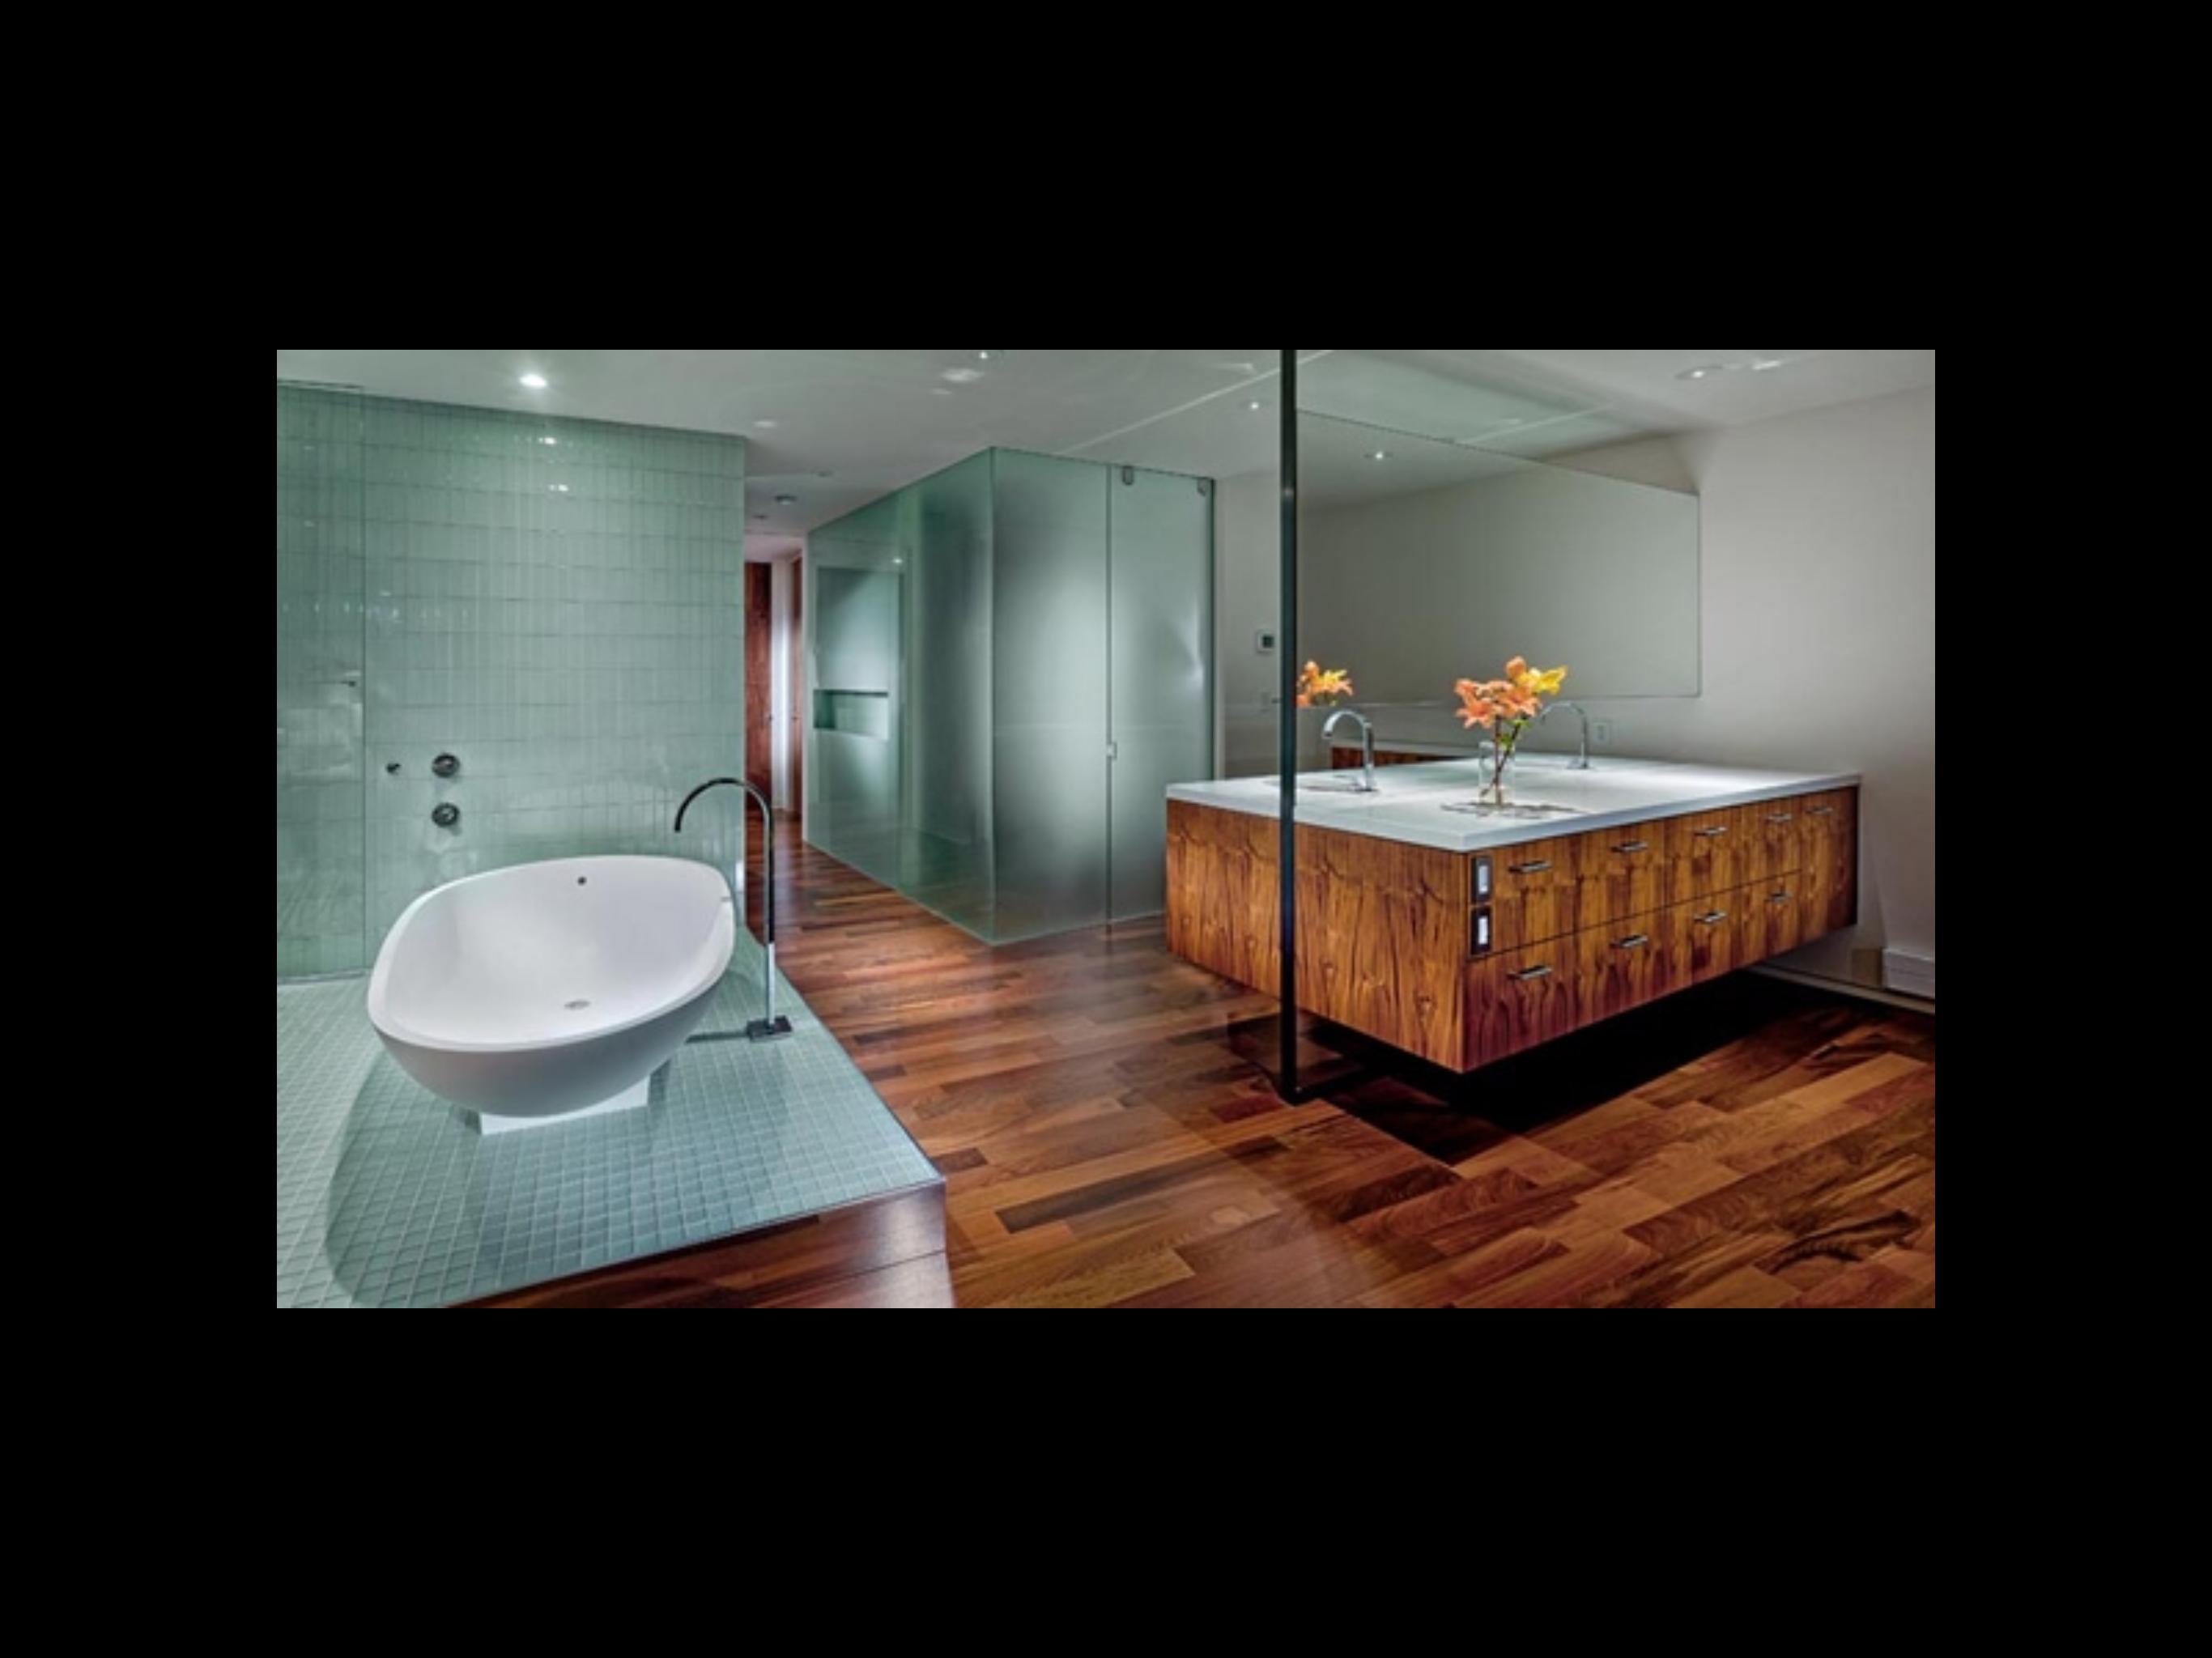 Badezimmer Luxus ~ Klassische badgestaltung ideen mosaikfliesen farbe badezimmer